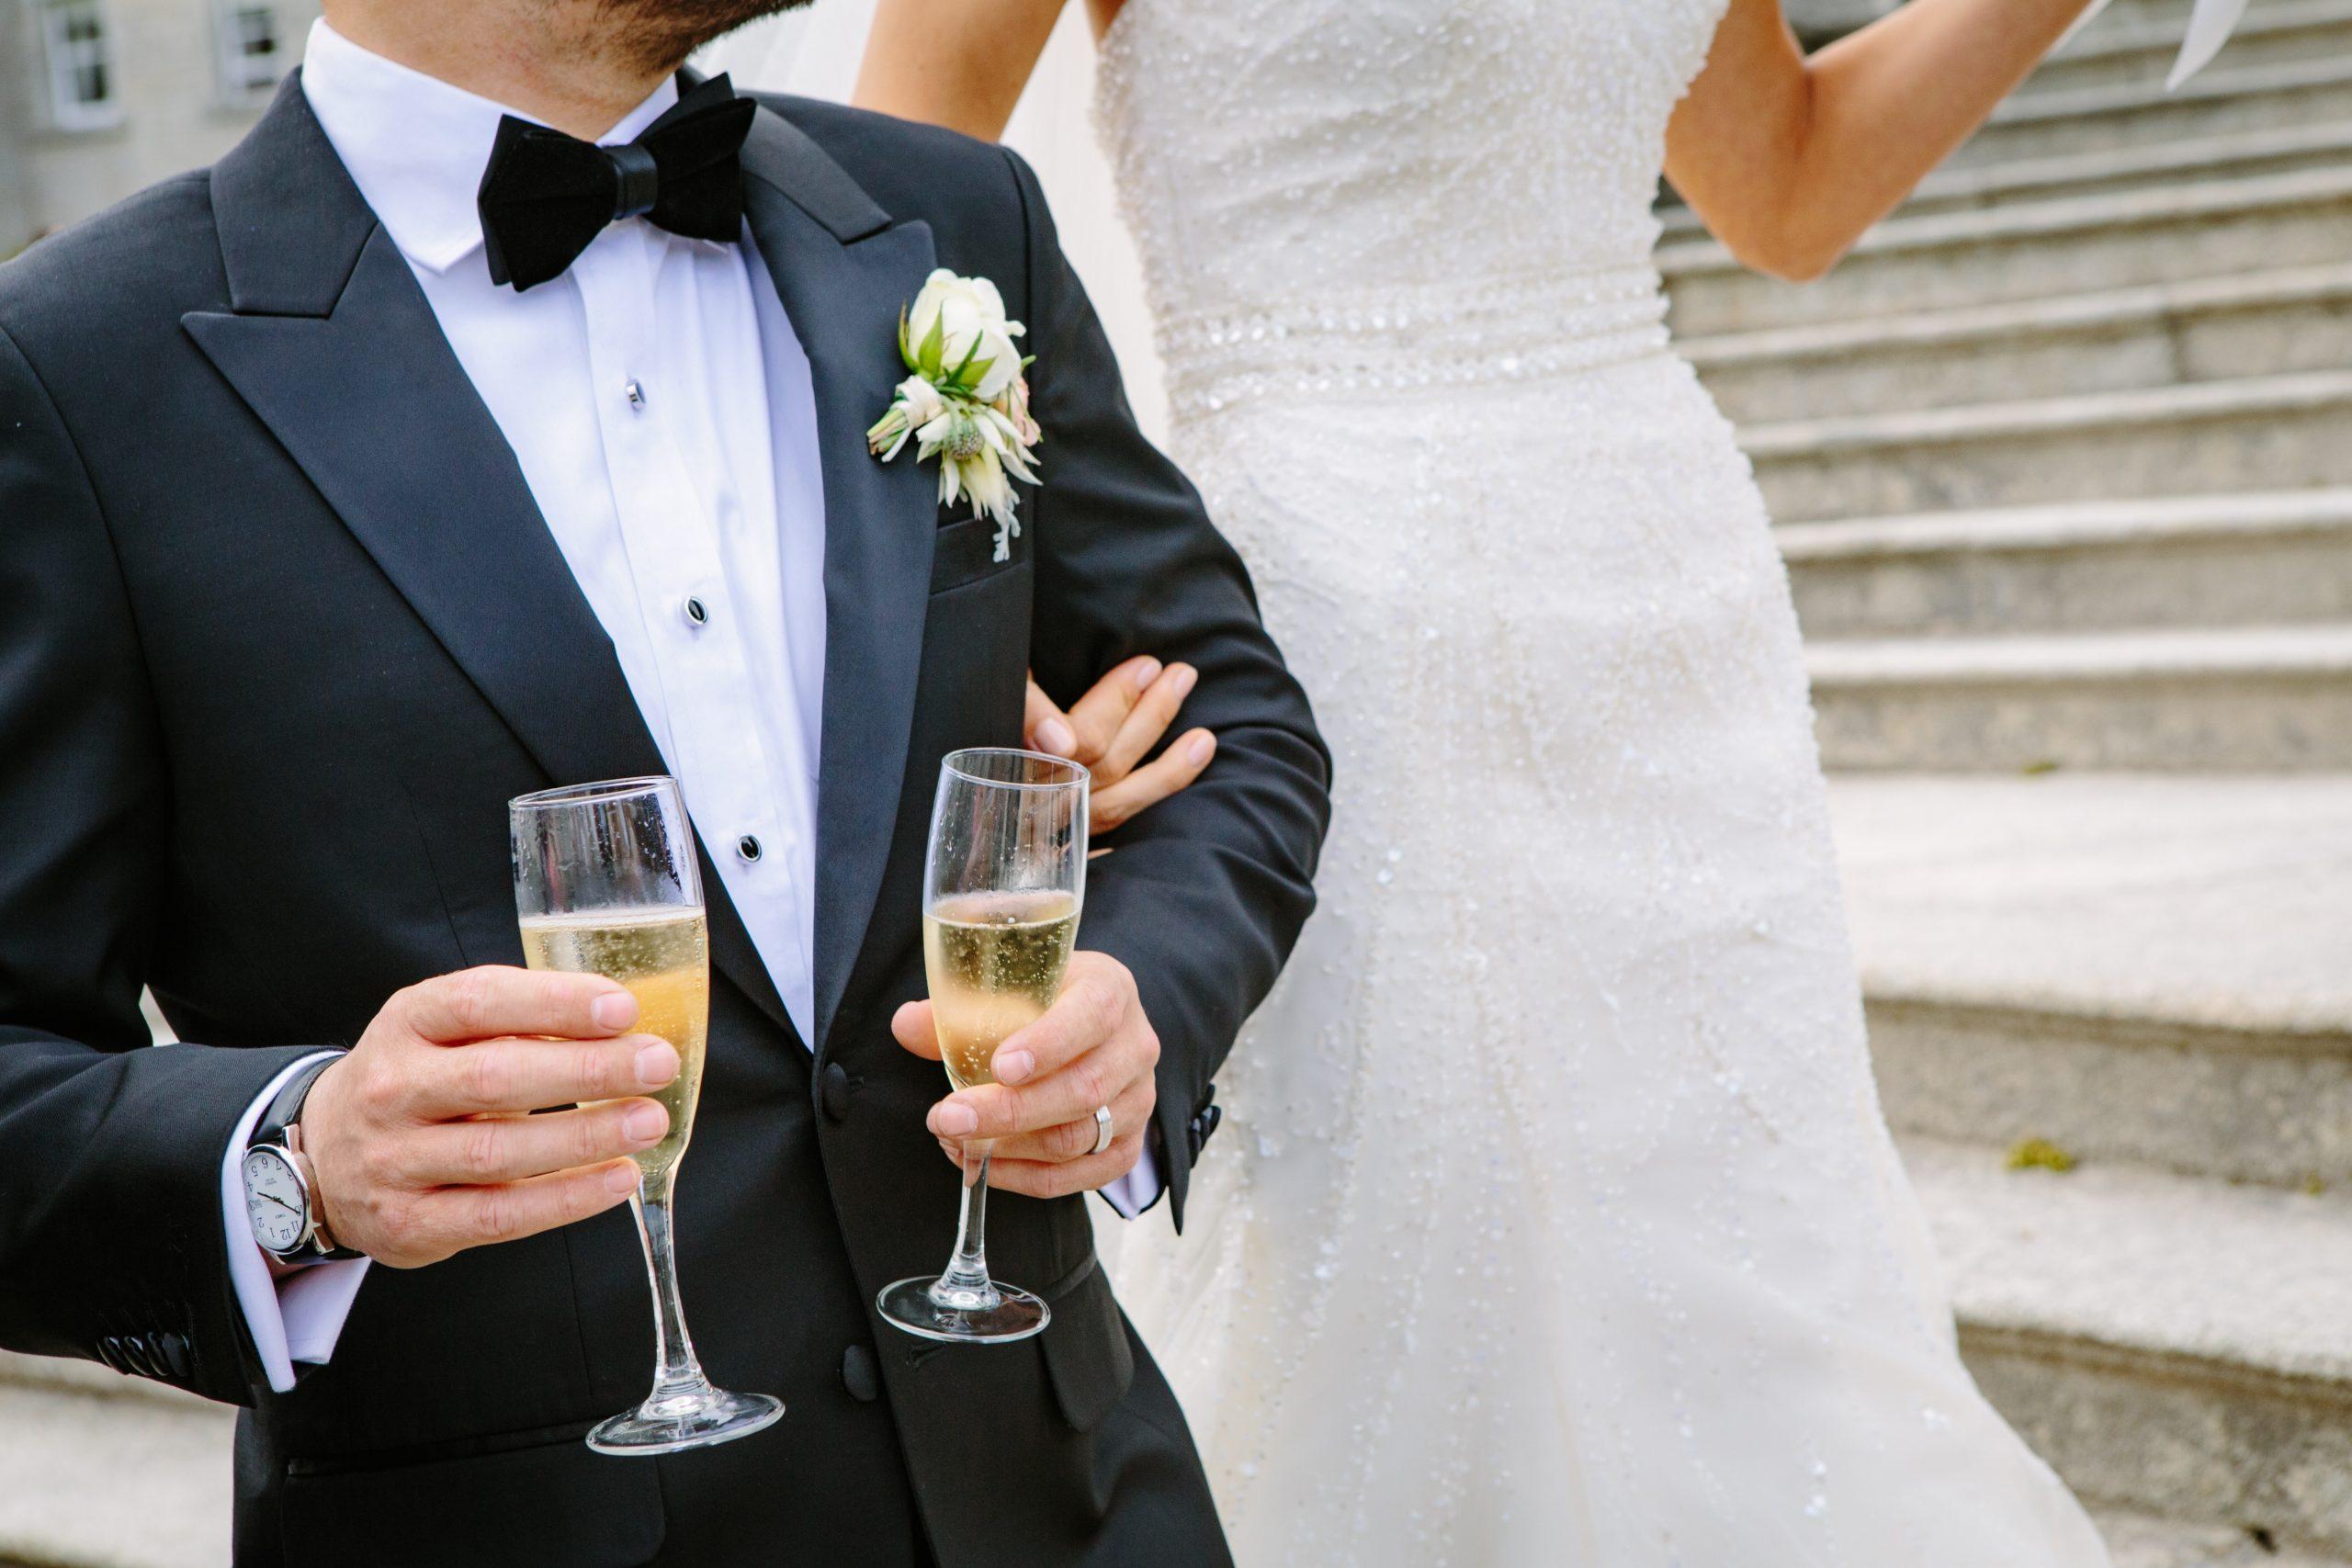 Sektempfang Zur Hochzeit So Planst Du Ihn Perfekt